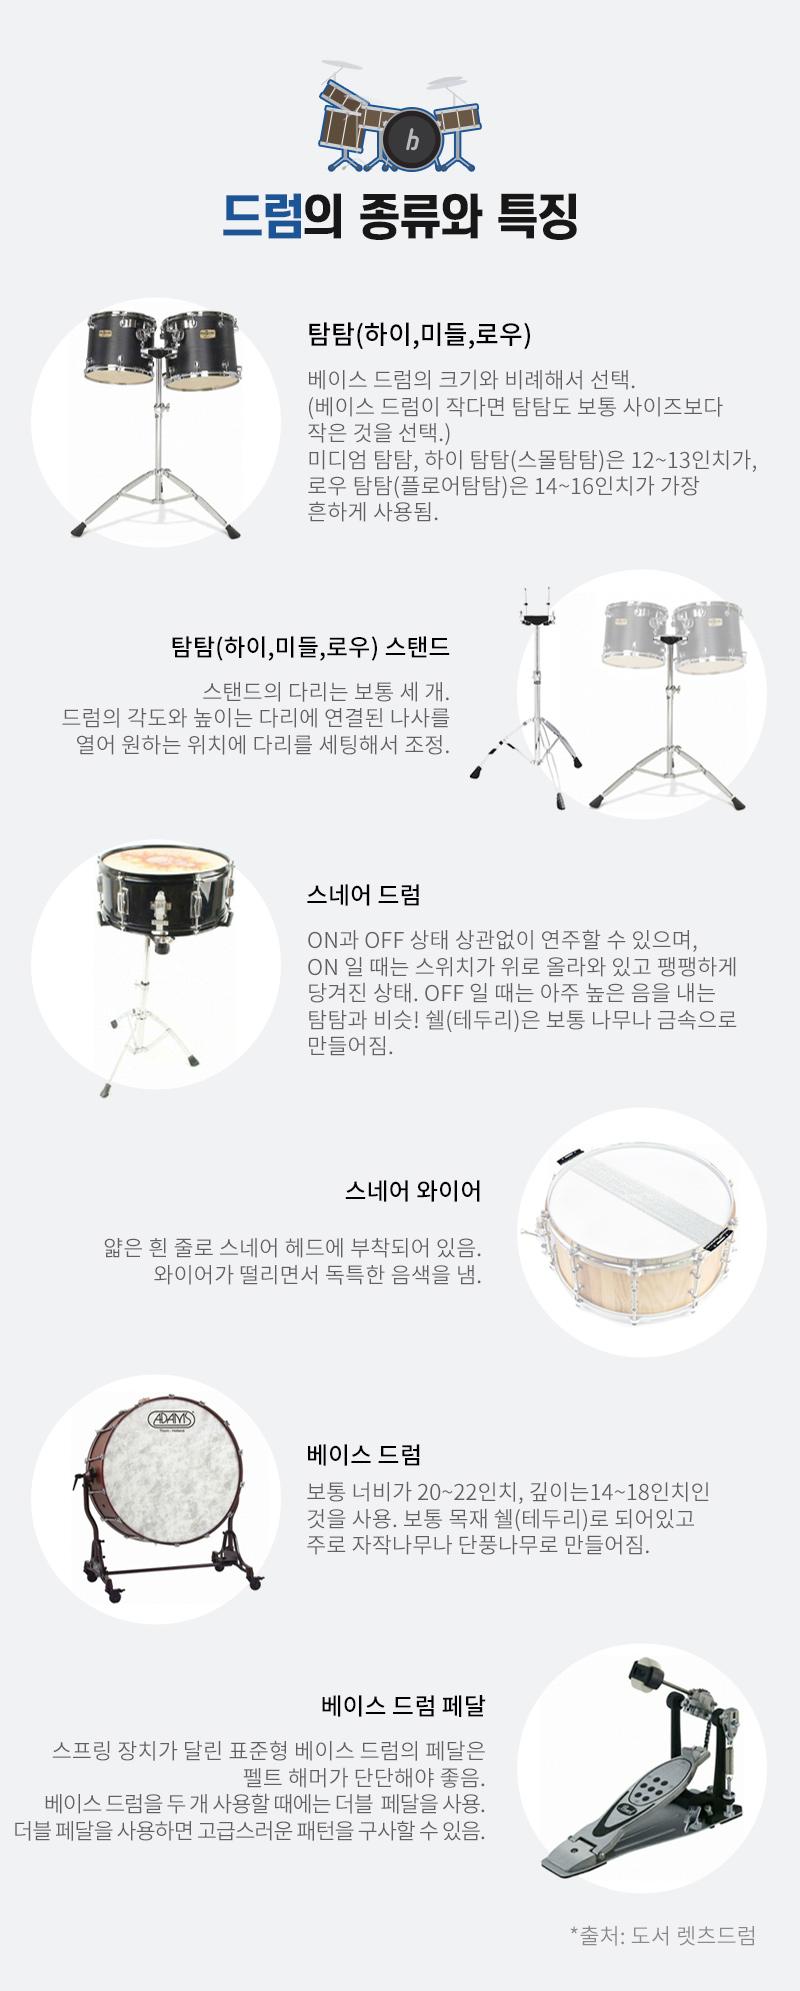 드럼의 종류와 특징